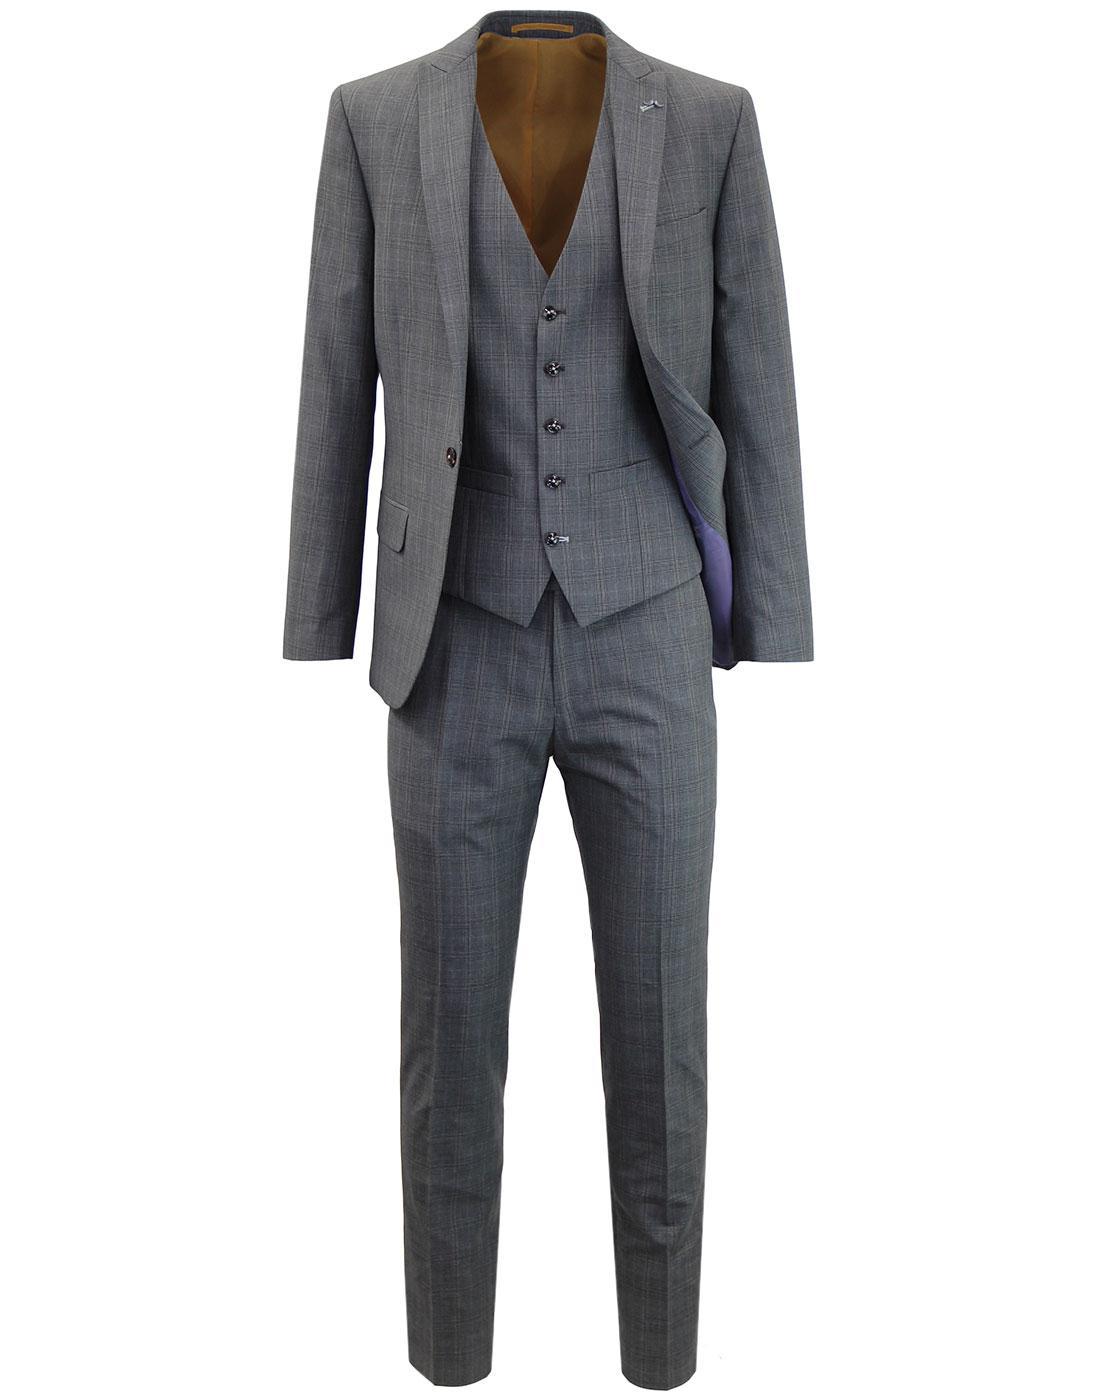 ANTIQUE ROGUE 1 Button POW Check Mod Suit - GREY